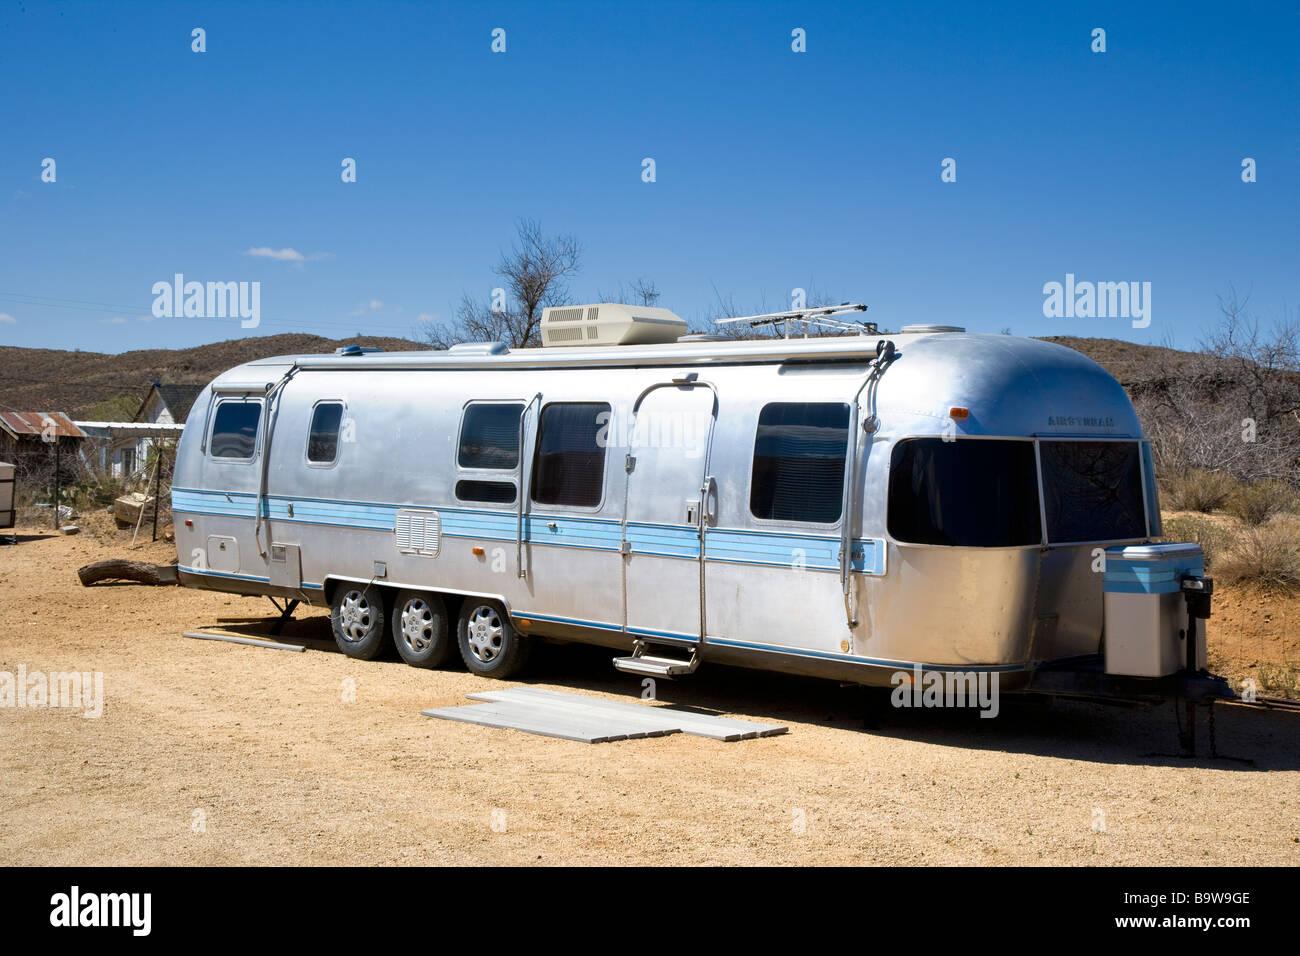 camping trailer usa helium atom diagram airstream silver bullet type camper van caravan arizona